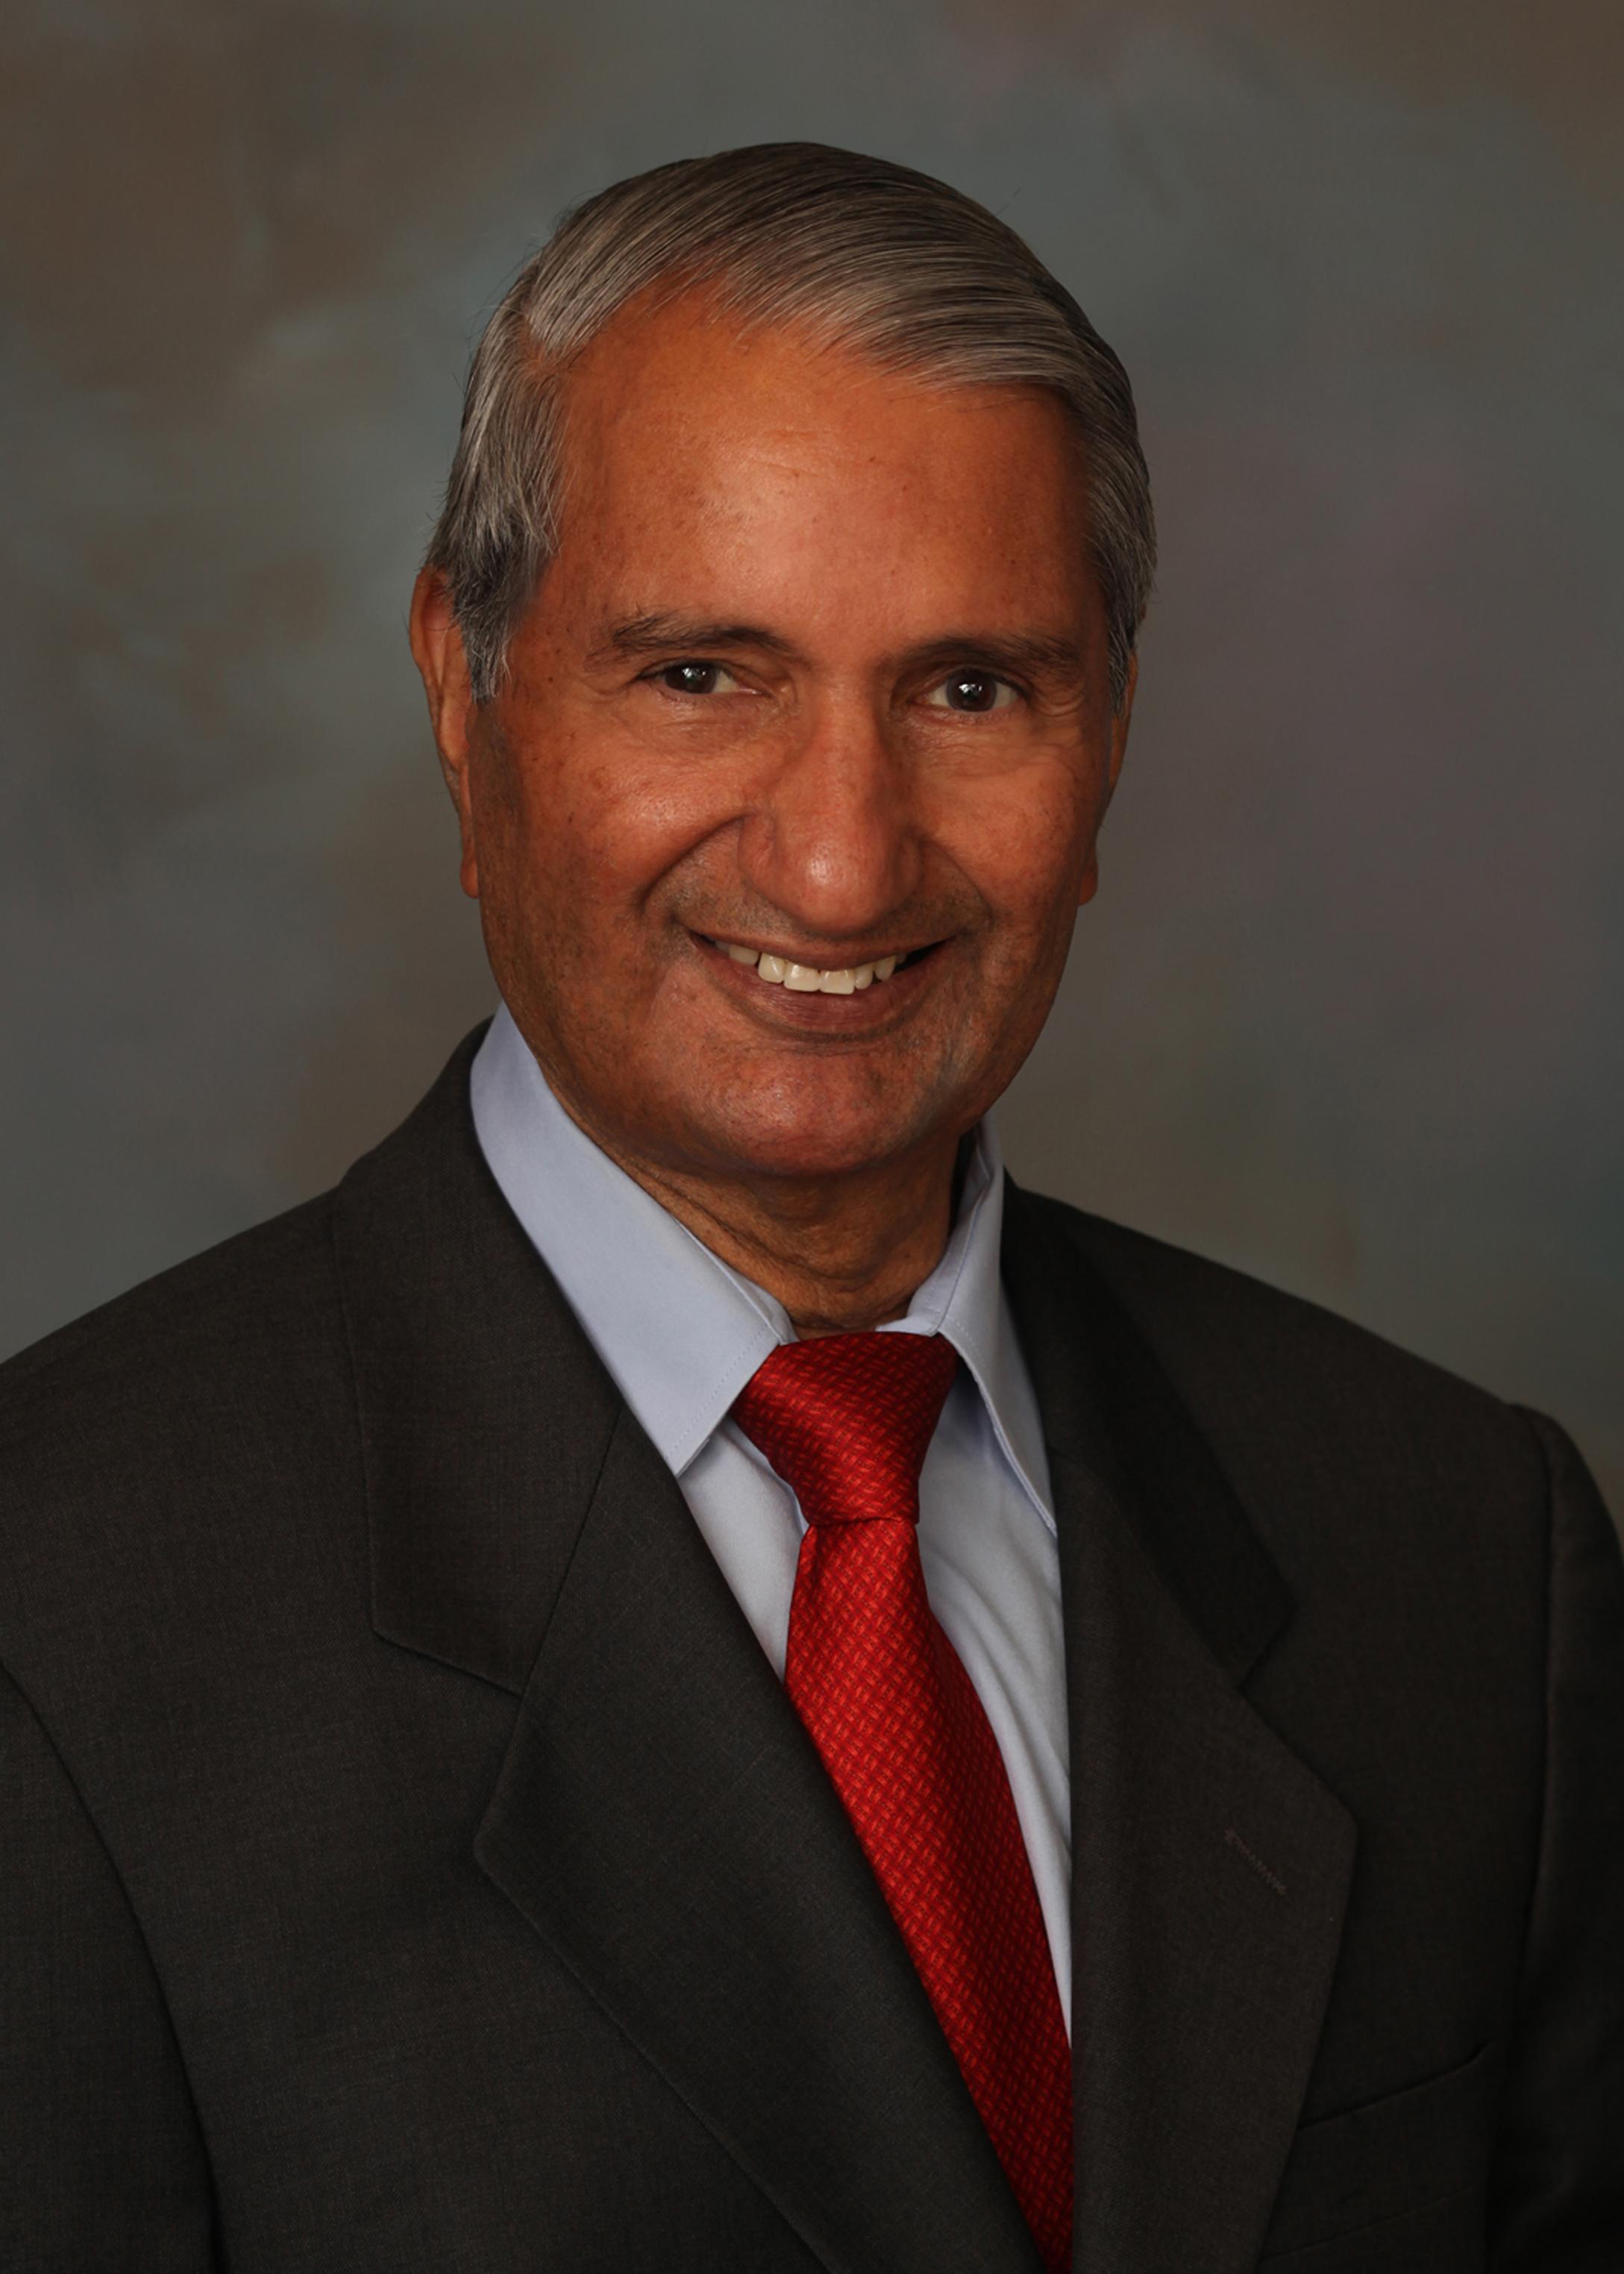 Profile image of Khush, Dr Gurdev Singh